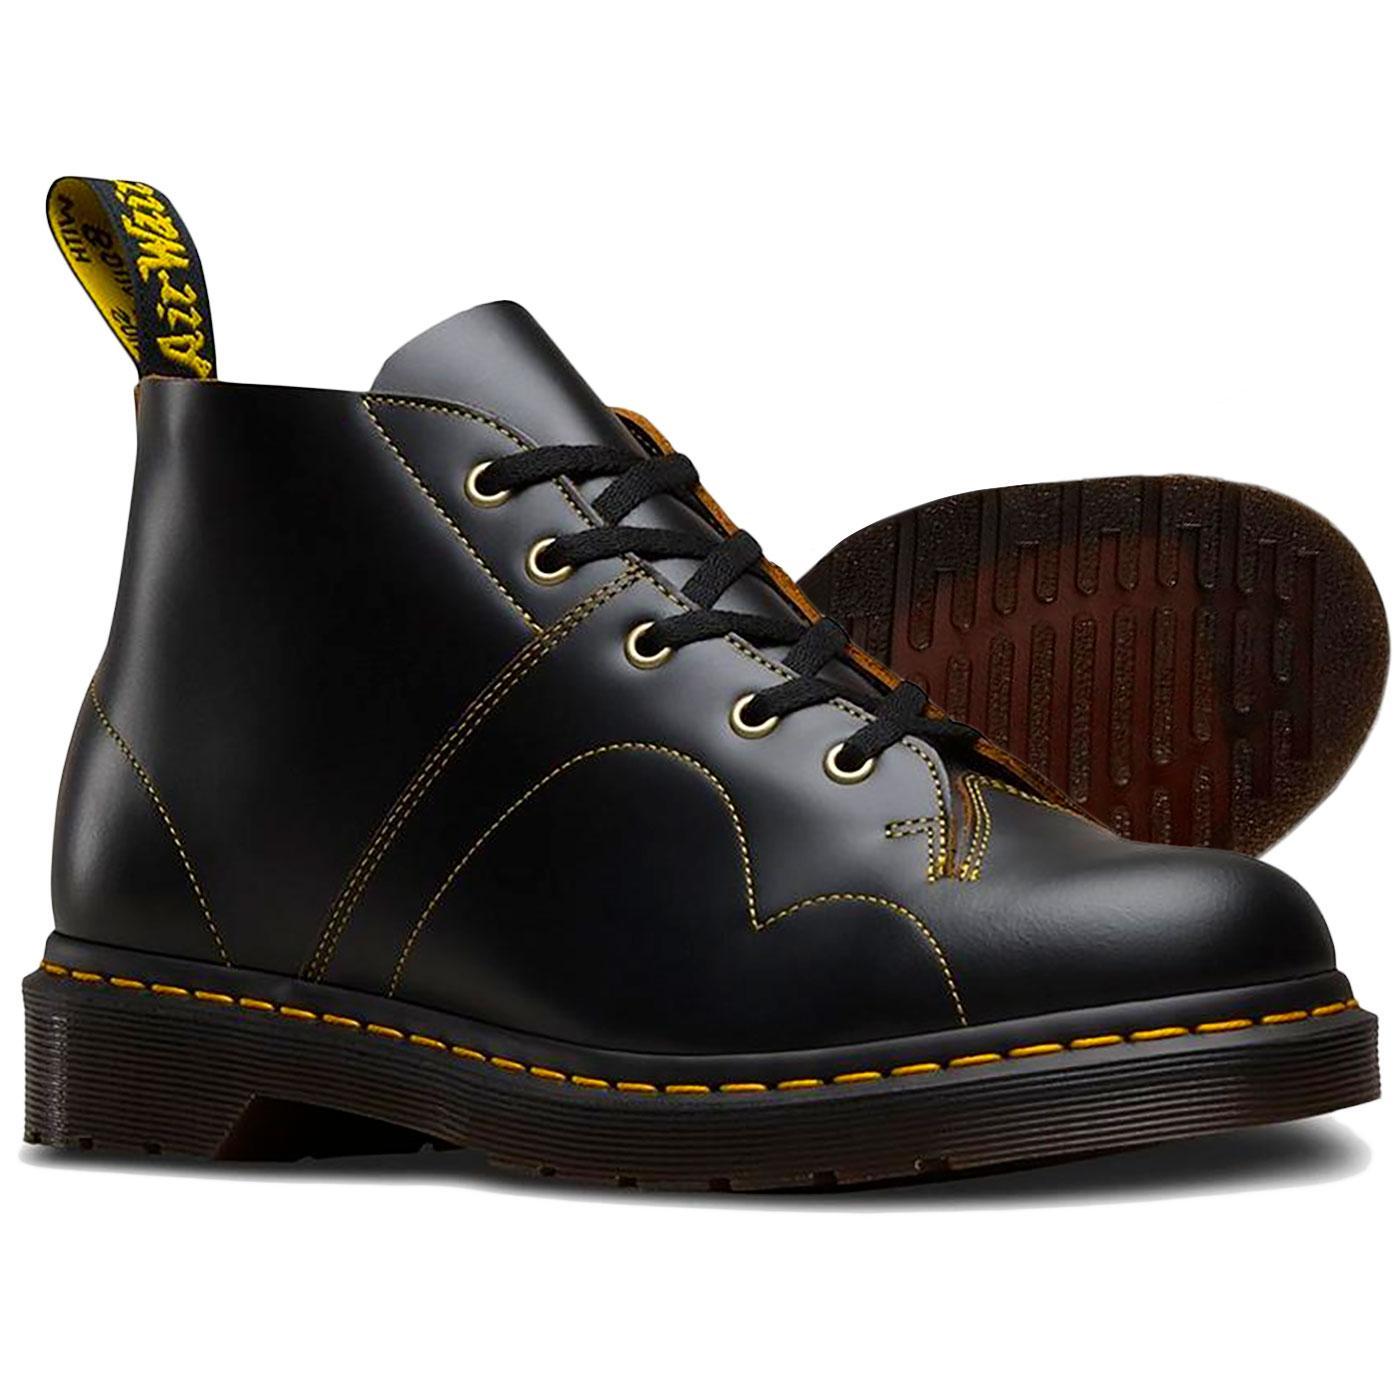 bc3c16216e7 Dr Martens Church Retro 60's Mod Monkey Boots in Black